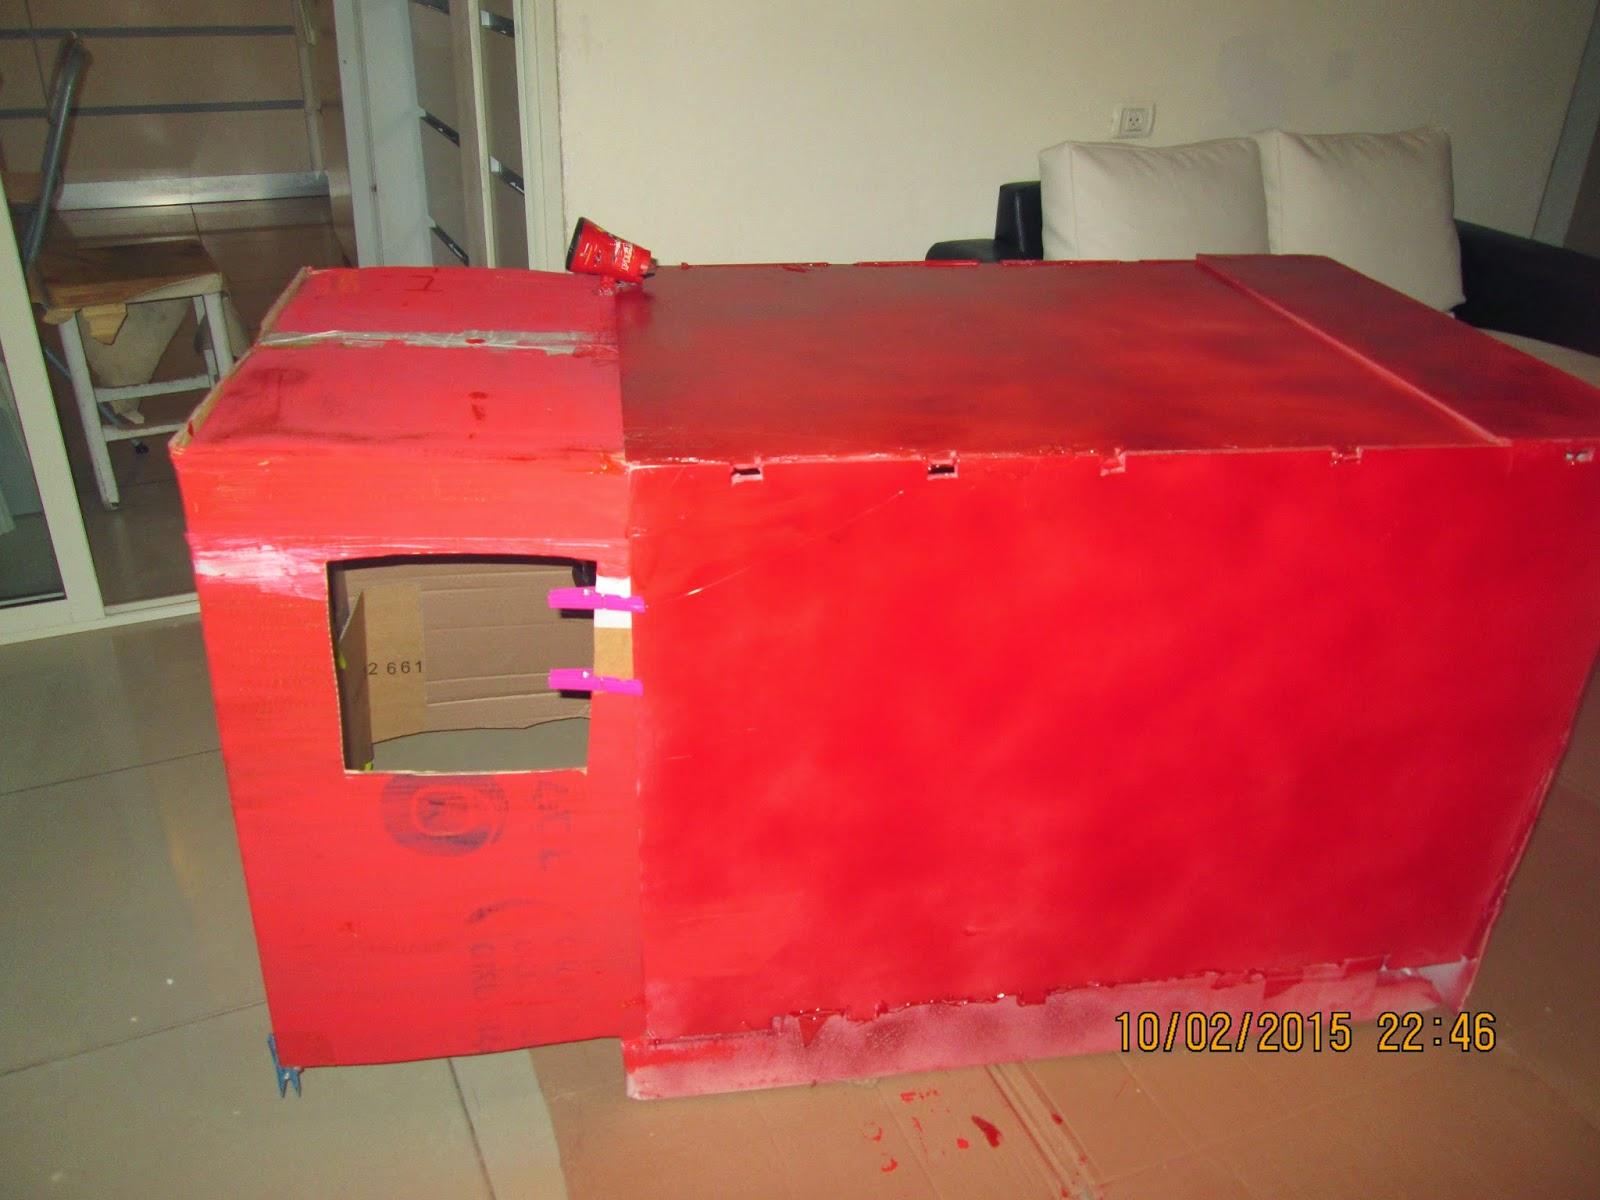 IMG 0051 - פורים במוטיב כיבוי אש